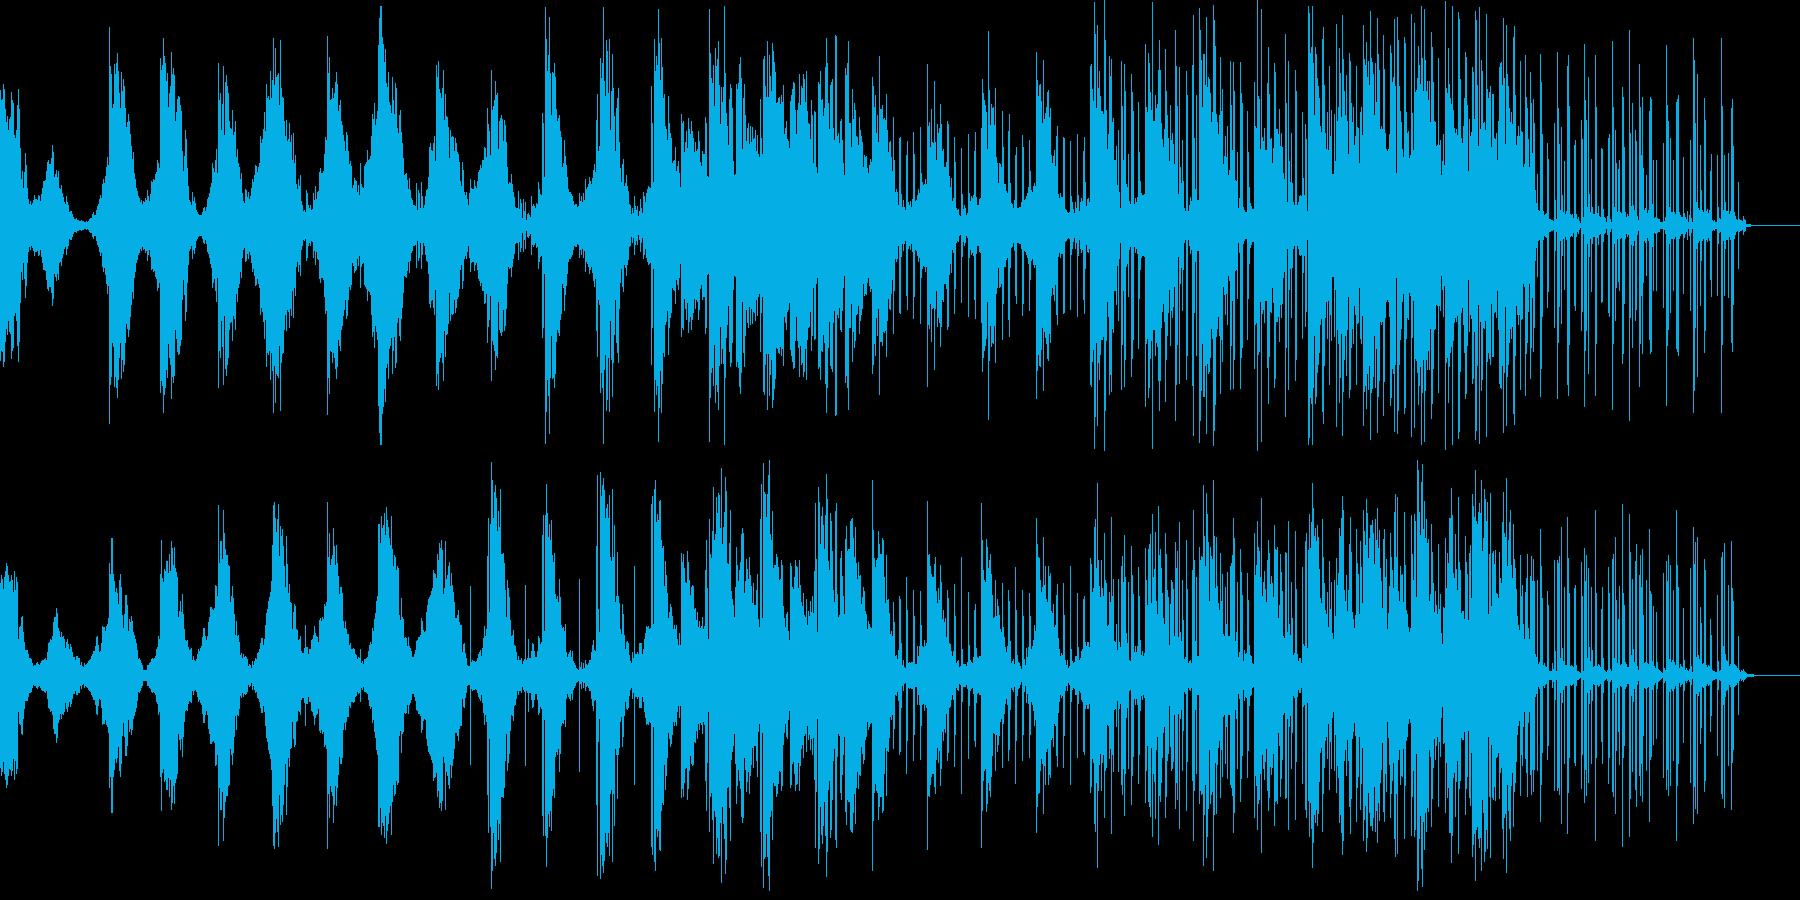 幻想的で近未来的な洗練されたシンセビートの再生済みの波形